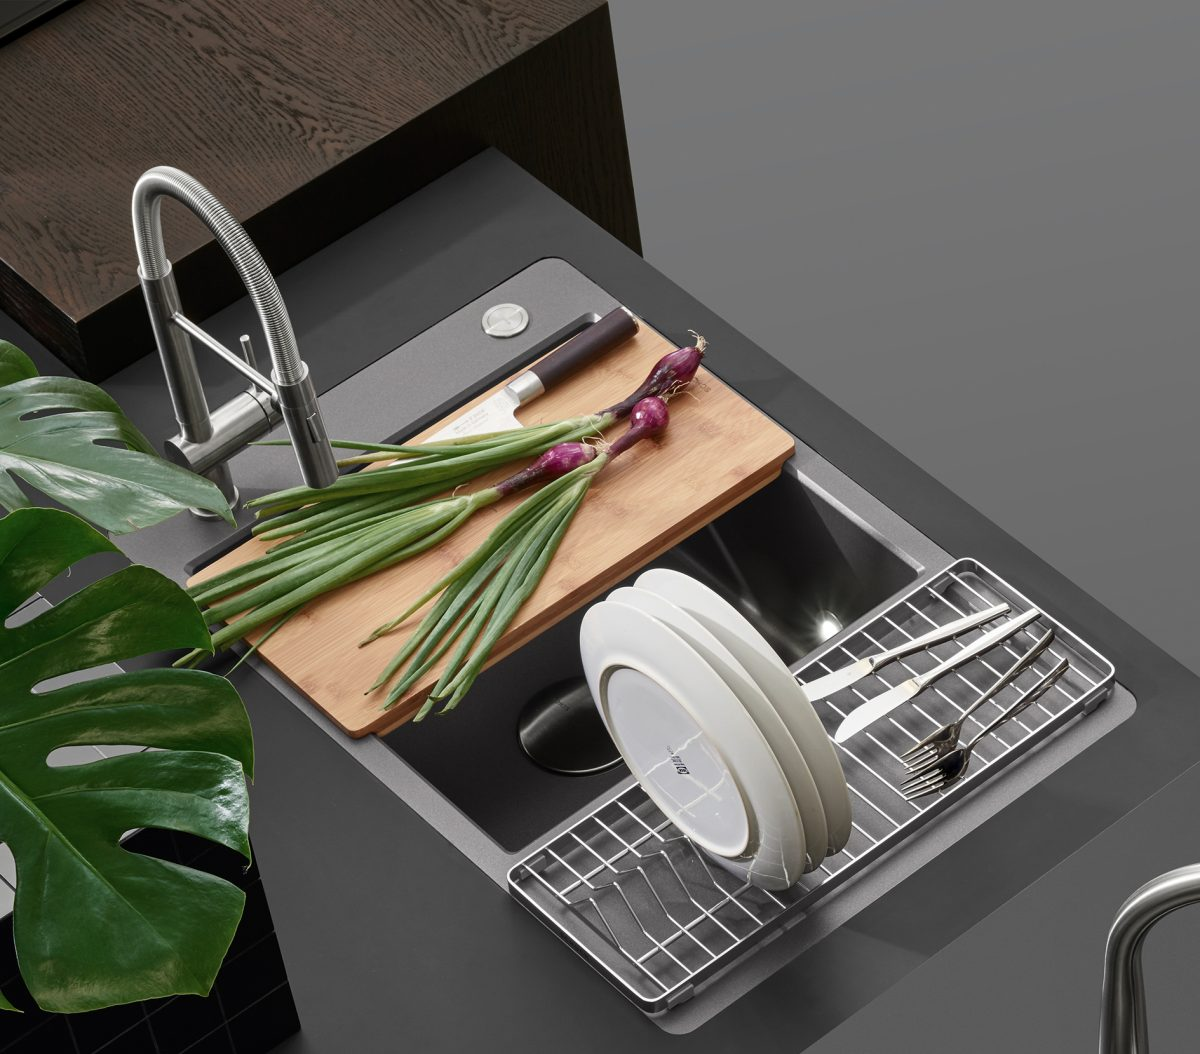 Küchenspüle Sina von SCHOCK erinnert an moderne Gastroküchen; Foto: SCHOCK